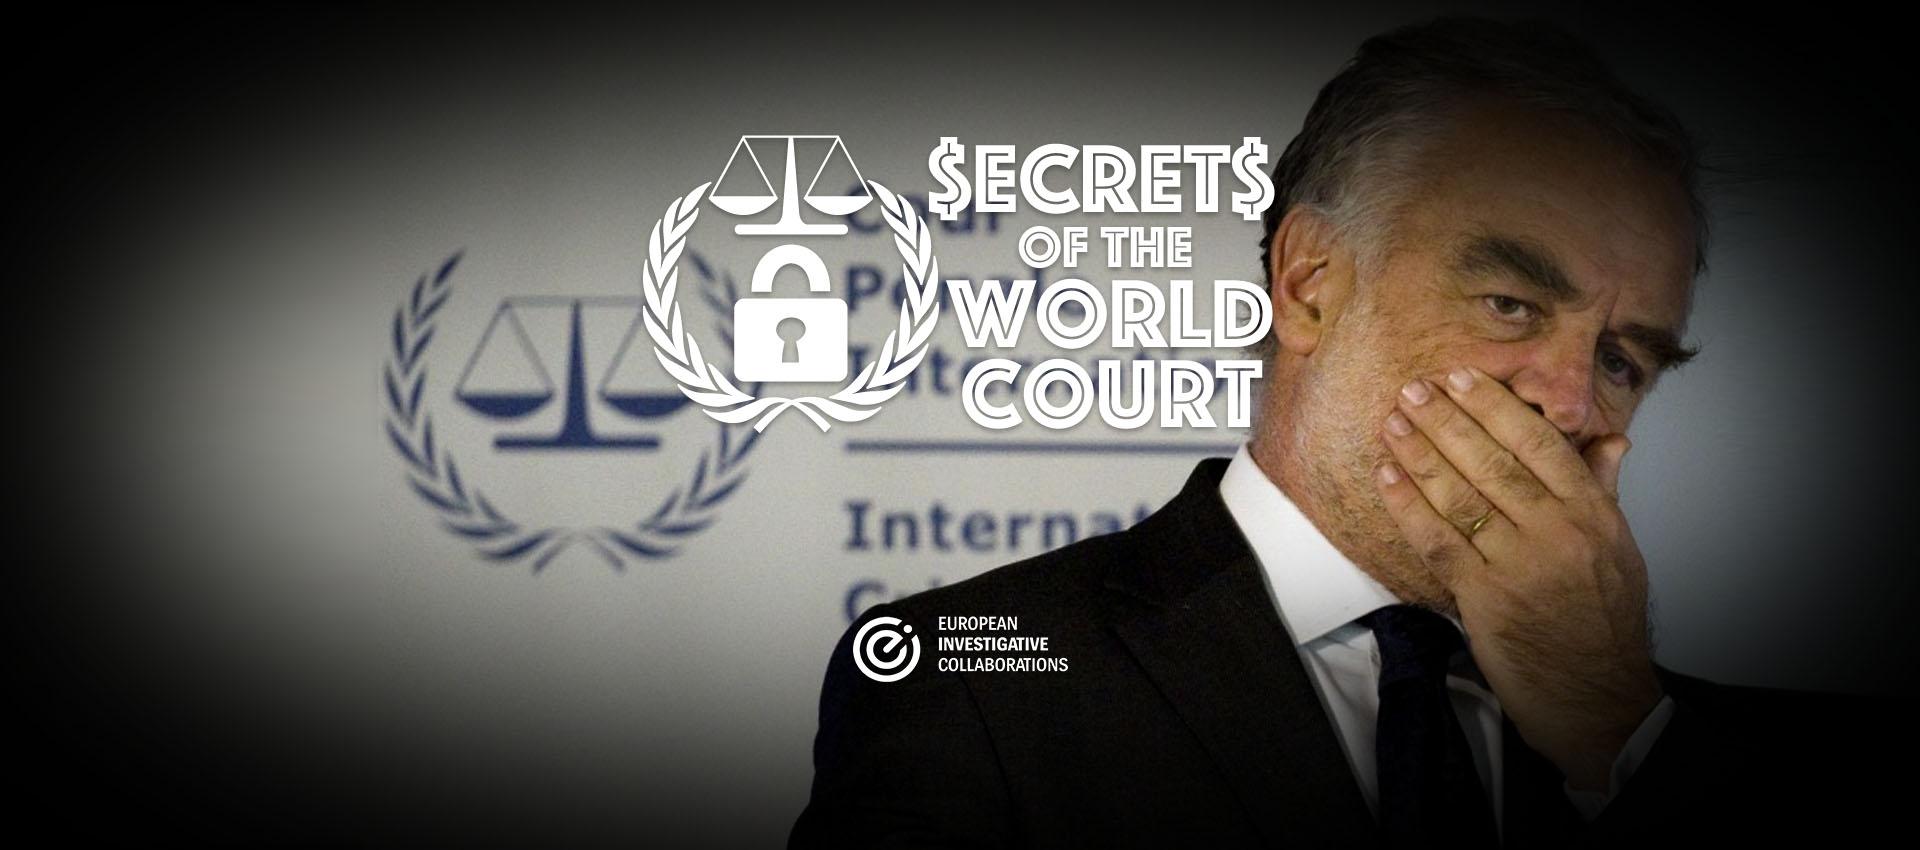 Ocampova lobiranja za Jezide i sukob interesa glasnogovornice Međunarodnog kaznenog suda